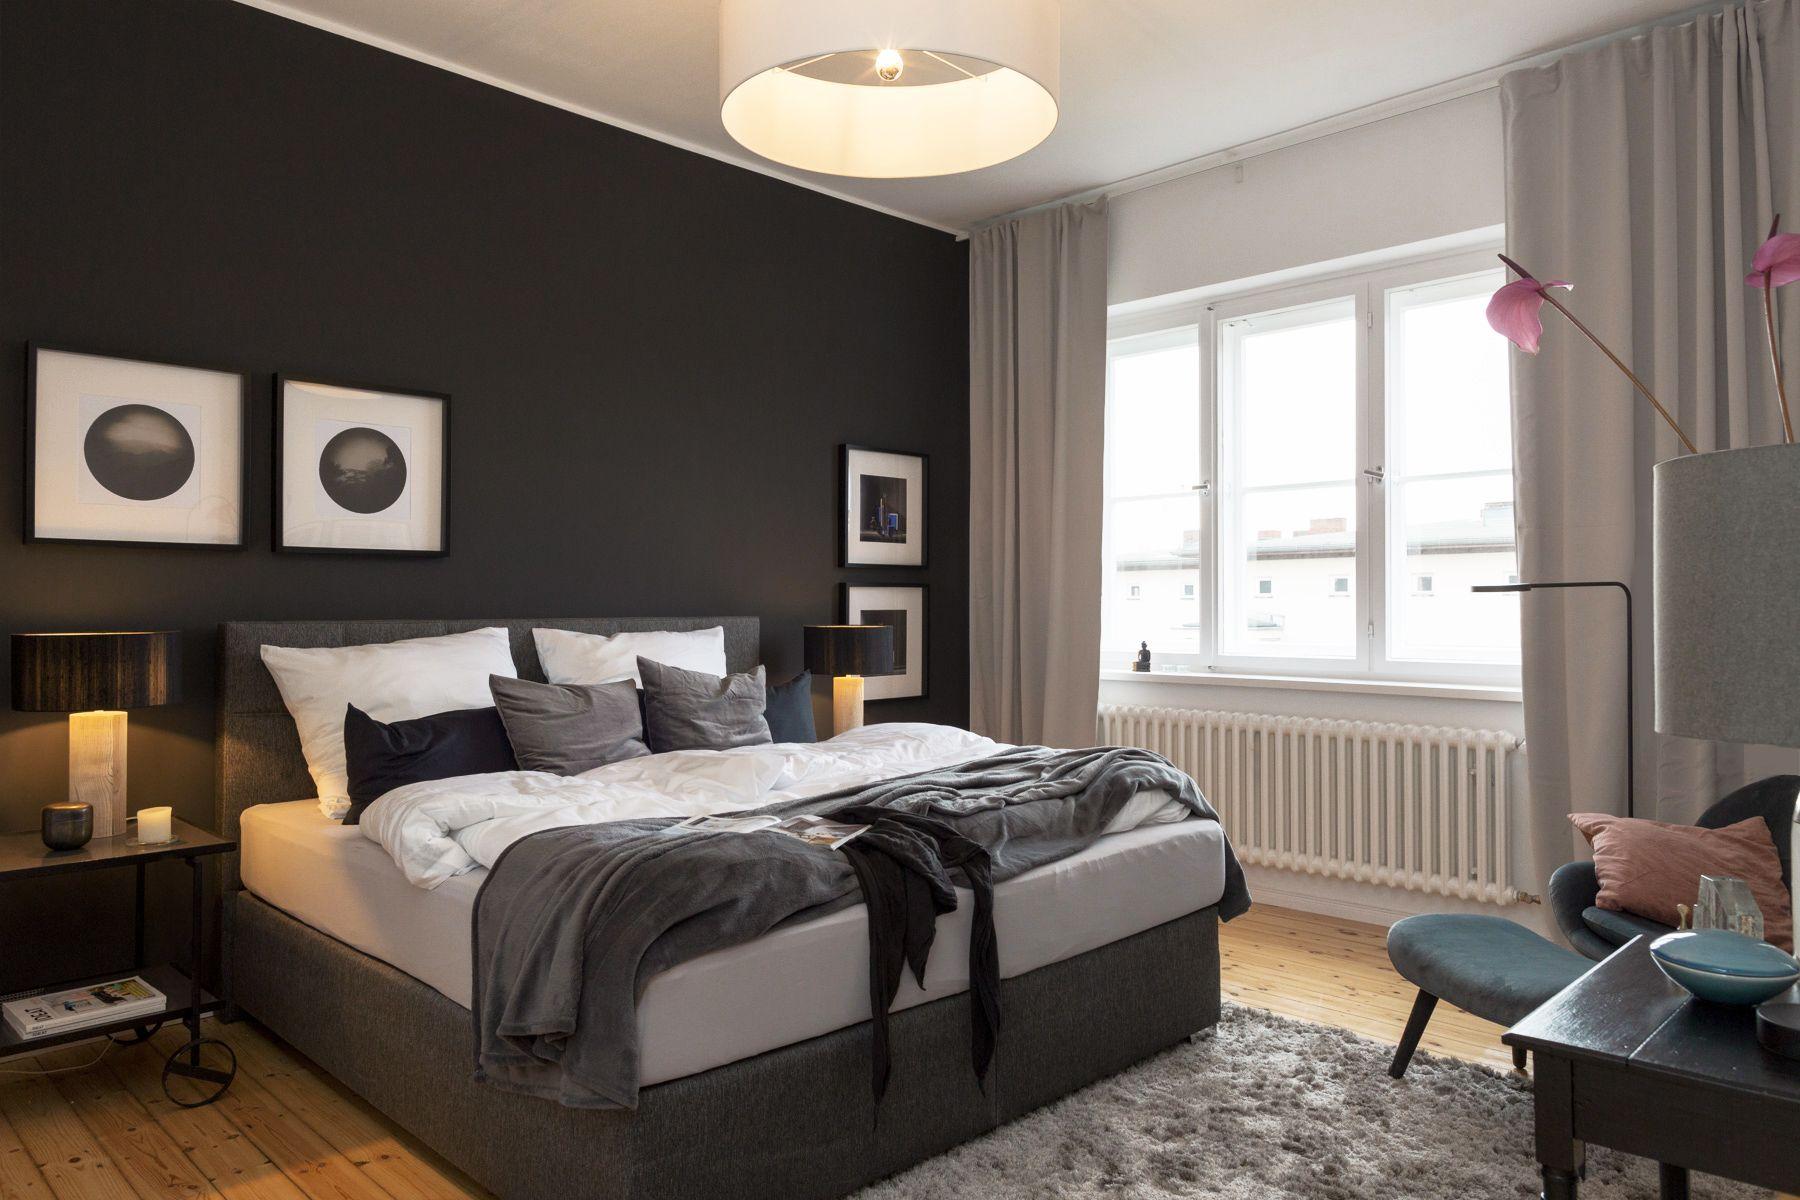 Schlafzimmer mit Boxspringbett und dunkelgrauer Wand in